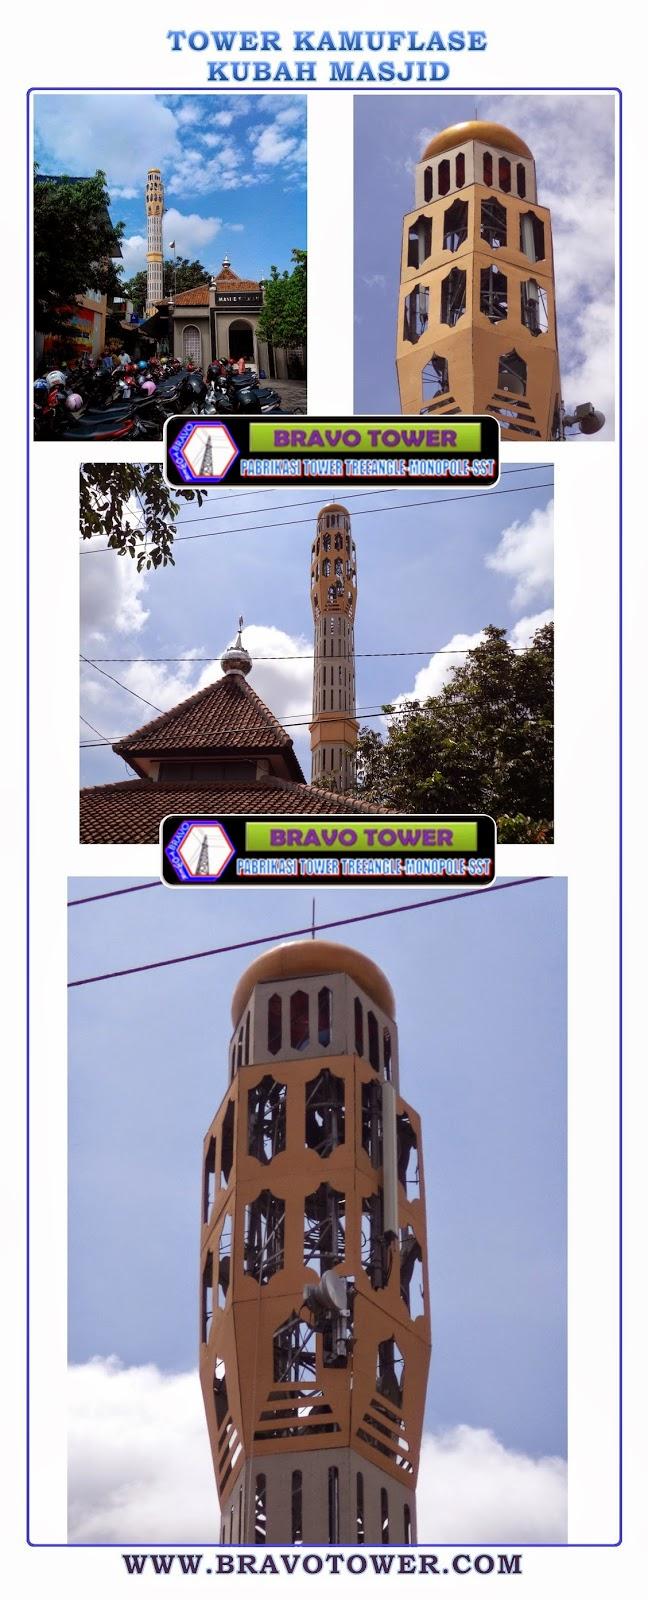 http://bravotower.com/page/77929/tower-kamuflase.html